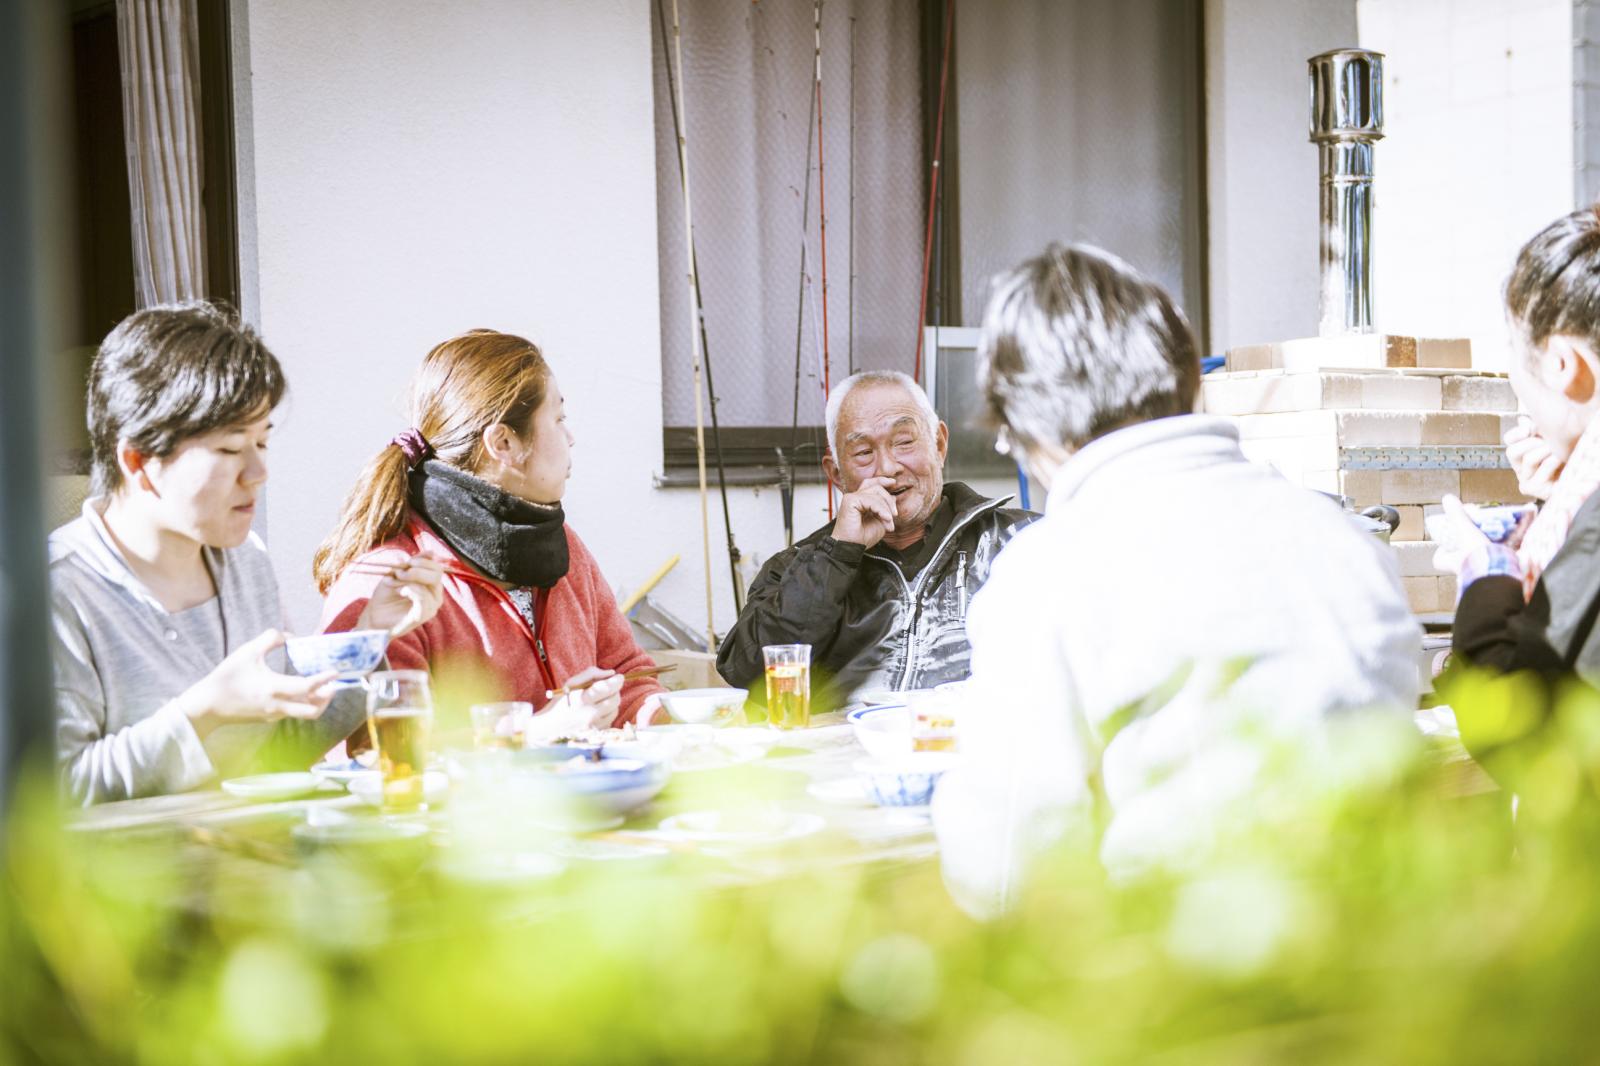 「電気の家」の庭には、いつでも客人をもてなすことができるように、大きなテーブルと椅子、さらにはピザ窯が設置されている。